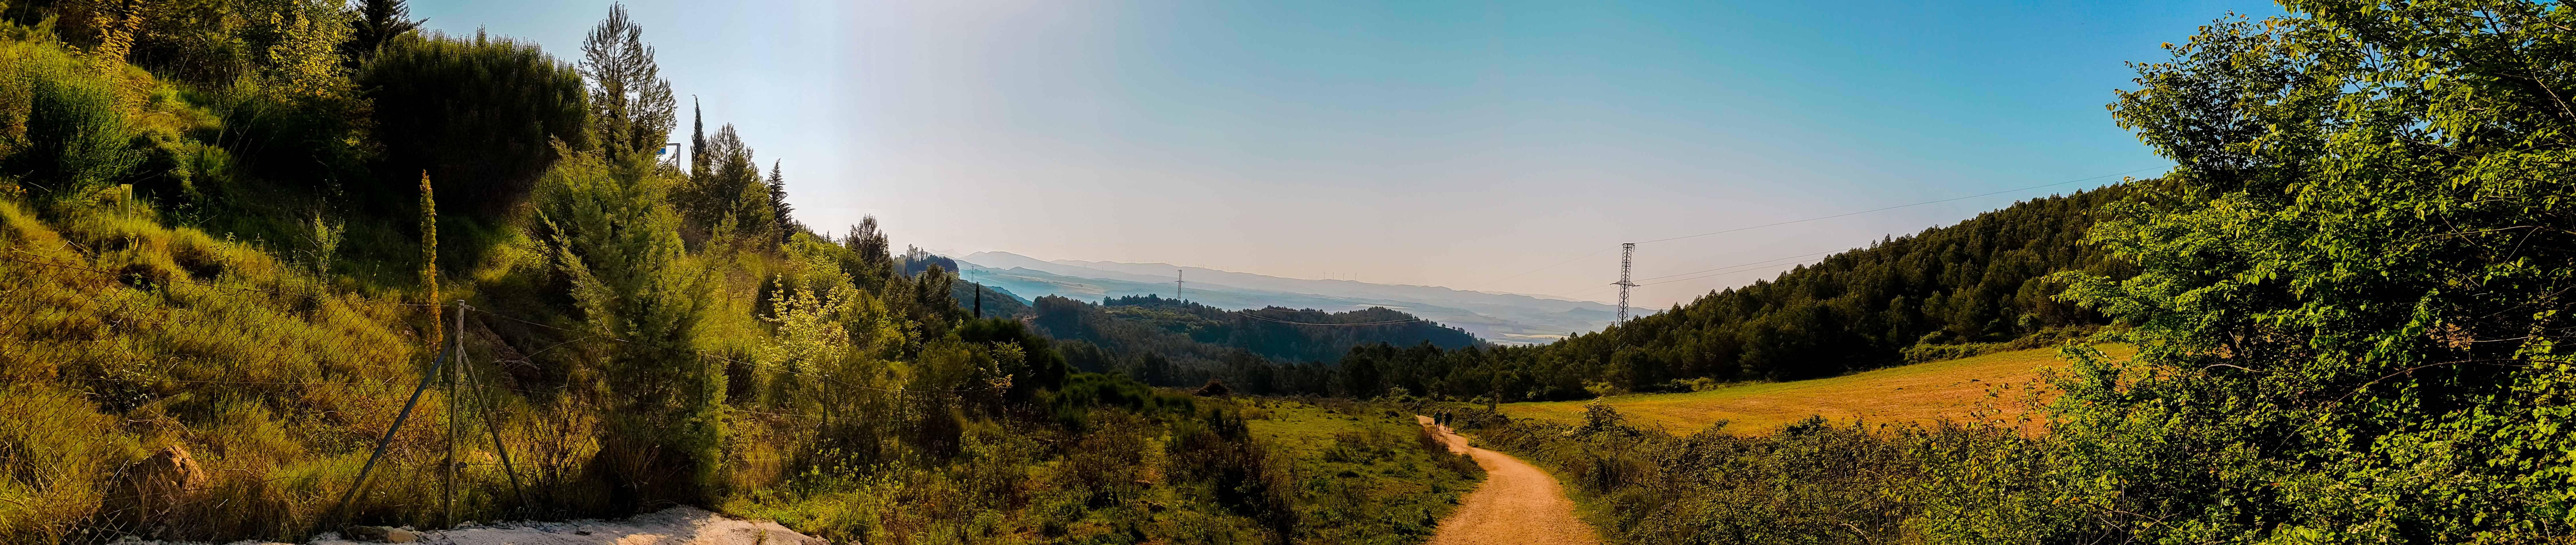 Uitzichten Camino Frances - HappyHikers